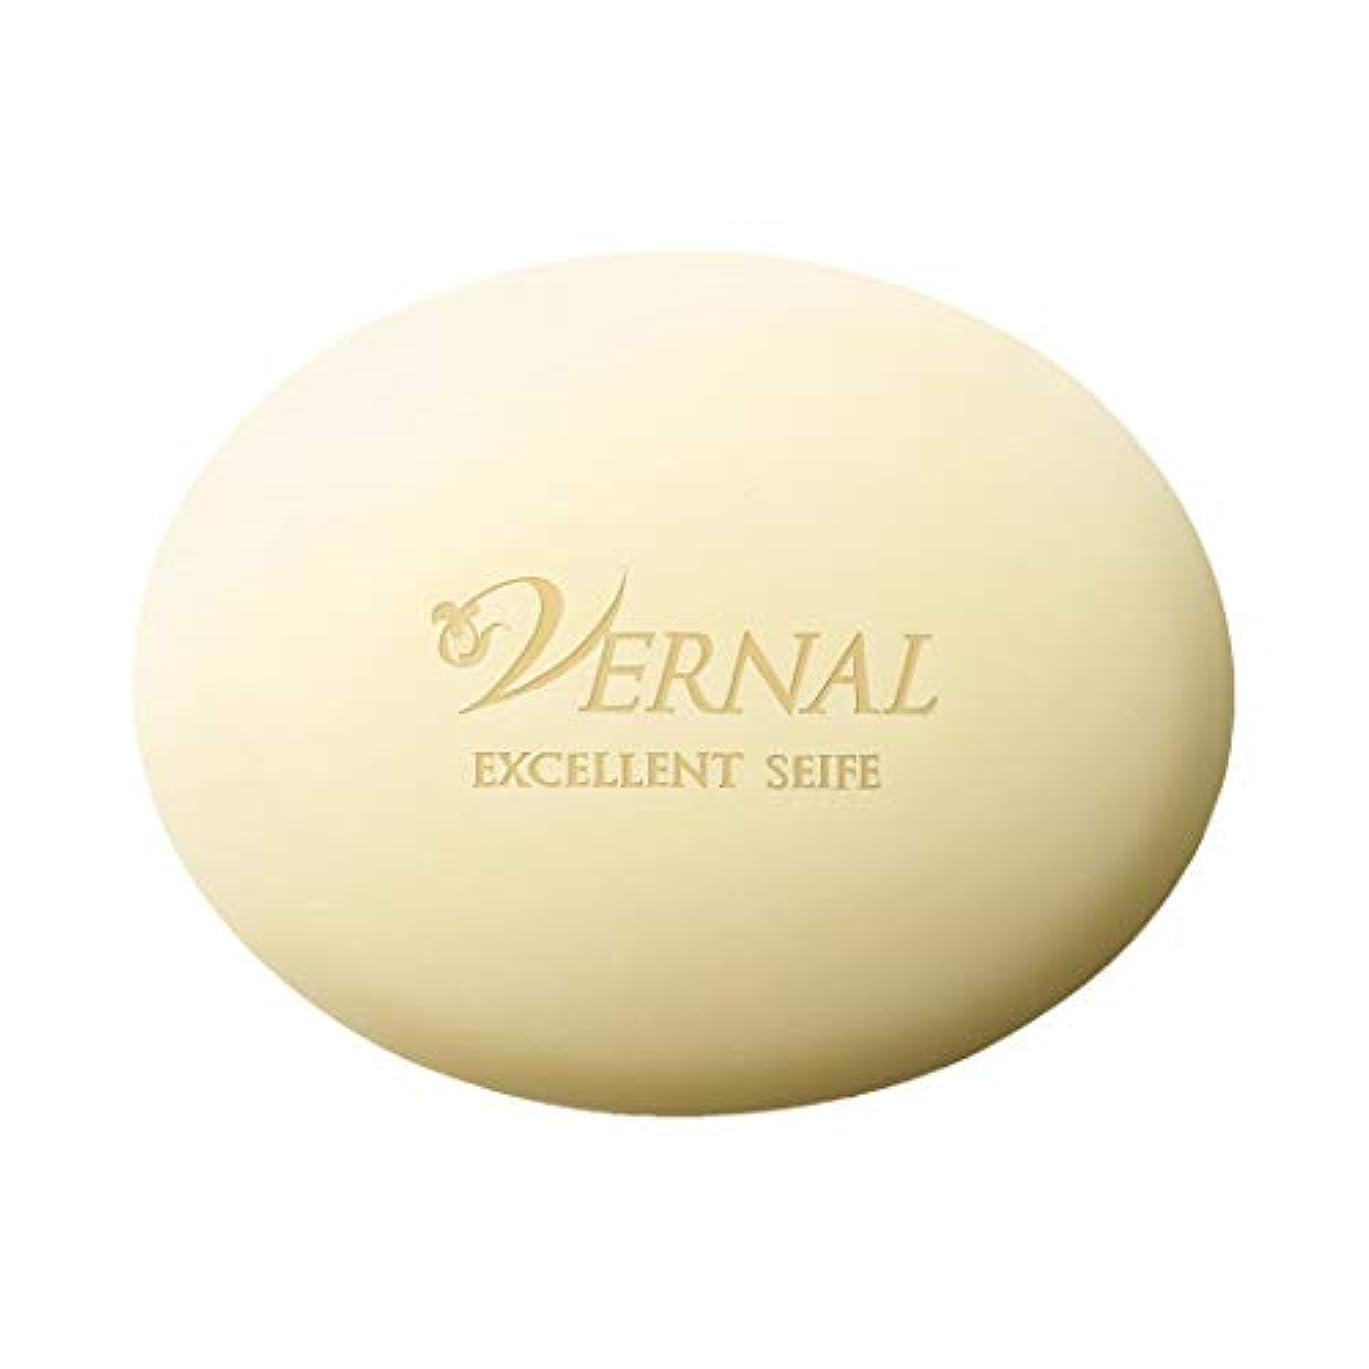 疎外するブラウン微生物エクセレントザイフ110g/ヴァーナル 洗顔石鹸 仕上げ洗顔